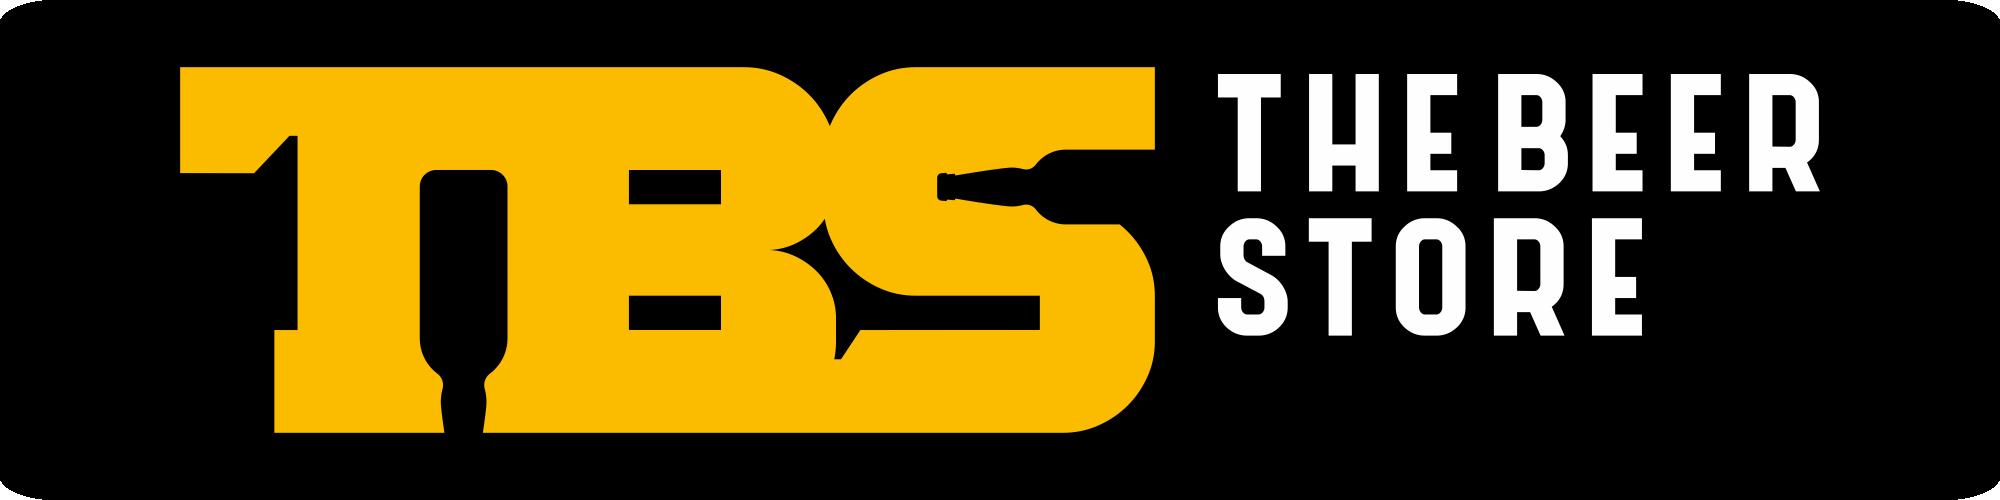 TheBeerStore